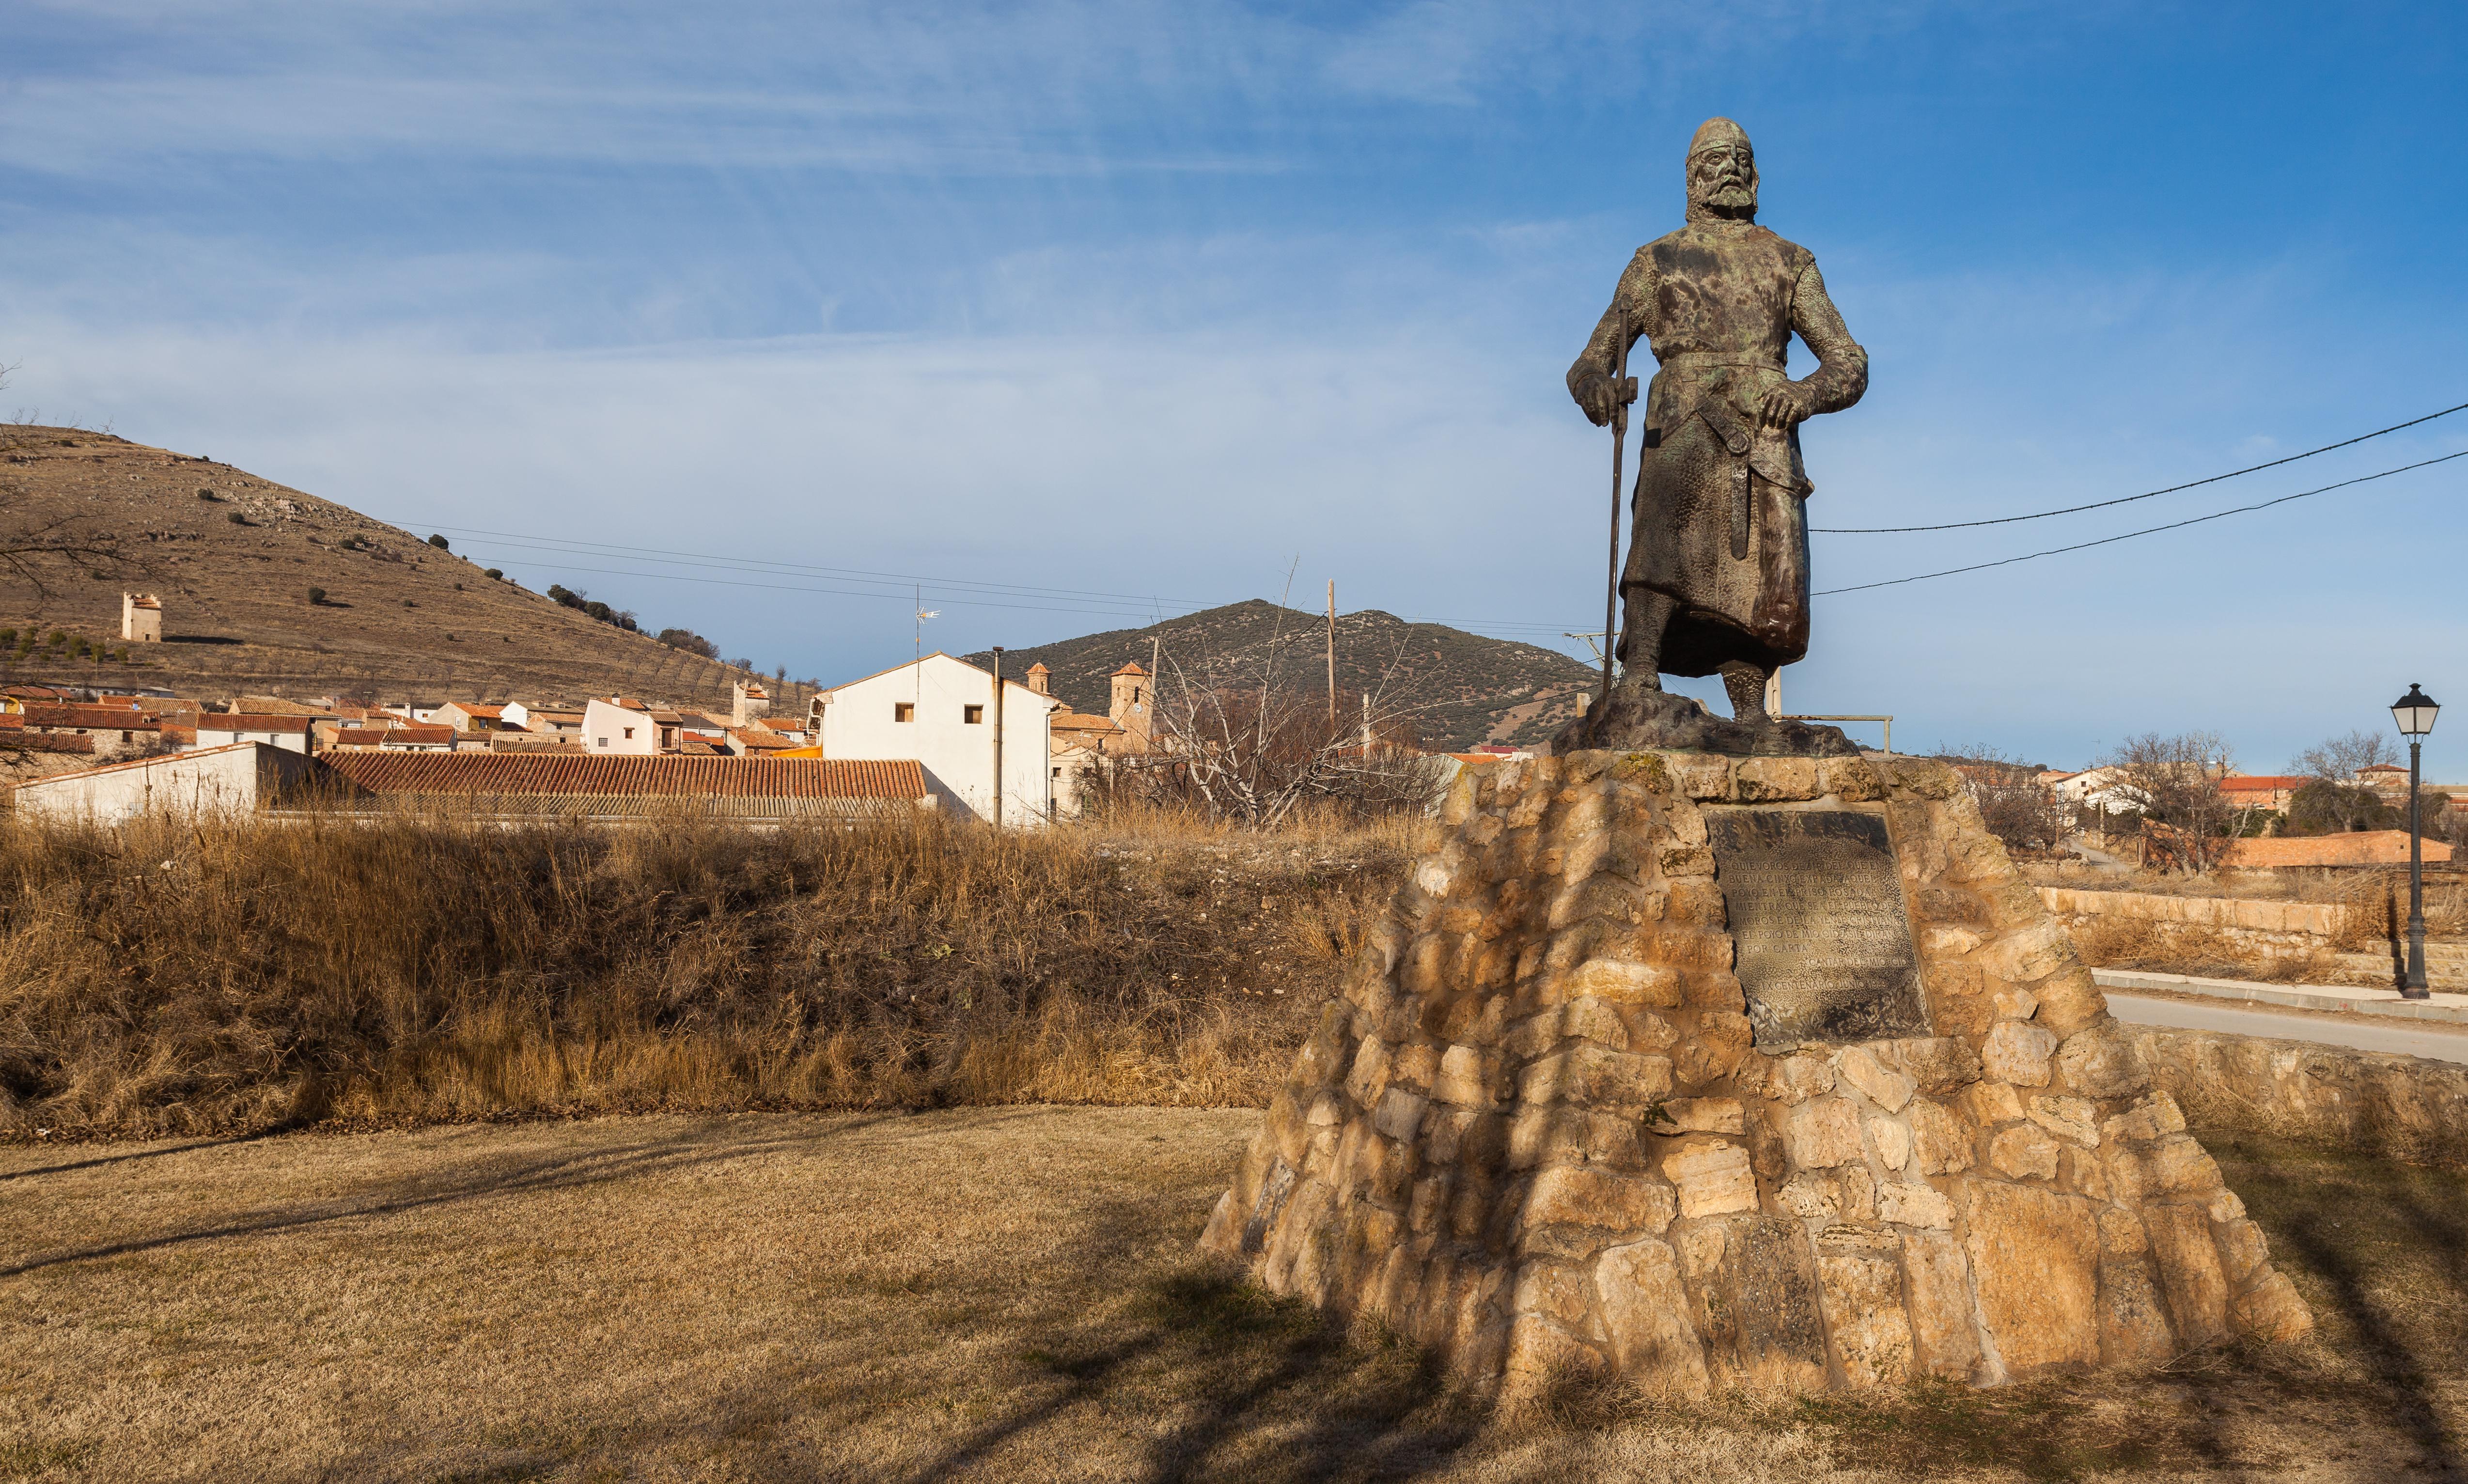 Poyo Spain  city photos gallery : Description El Poyo del Cid, Teruel, España, 2014 01 08, DD 11